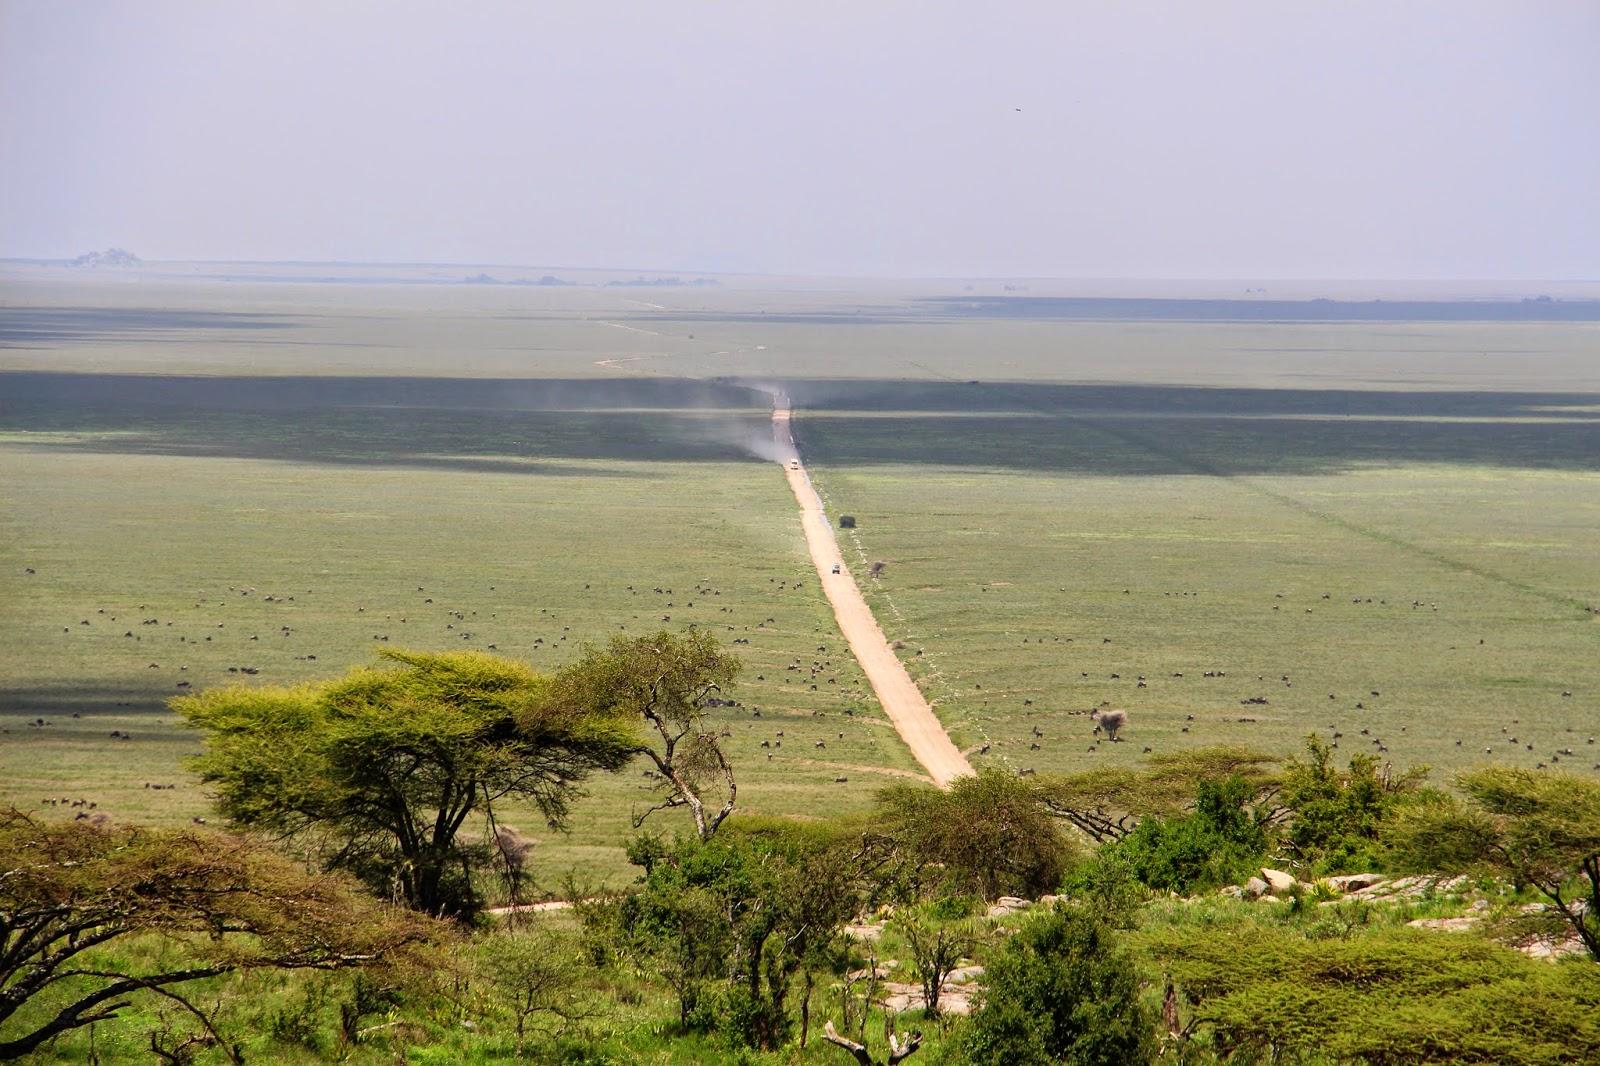 Um safari para ver a grande MIGRAÇÃO DOS GNUS no Serengeti | Tanzânia